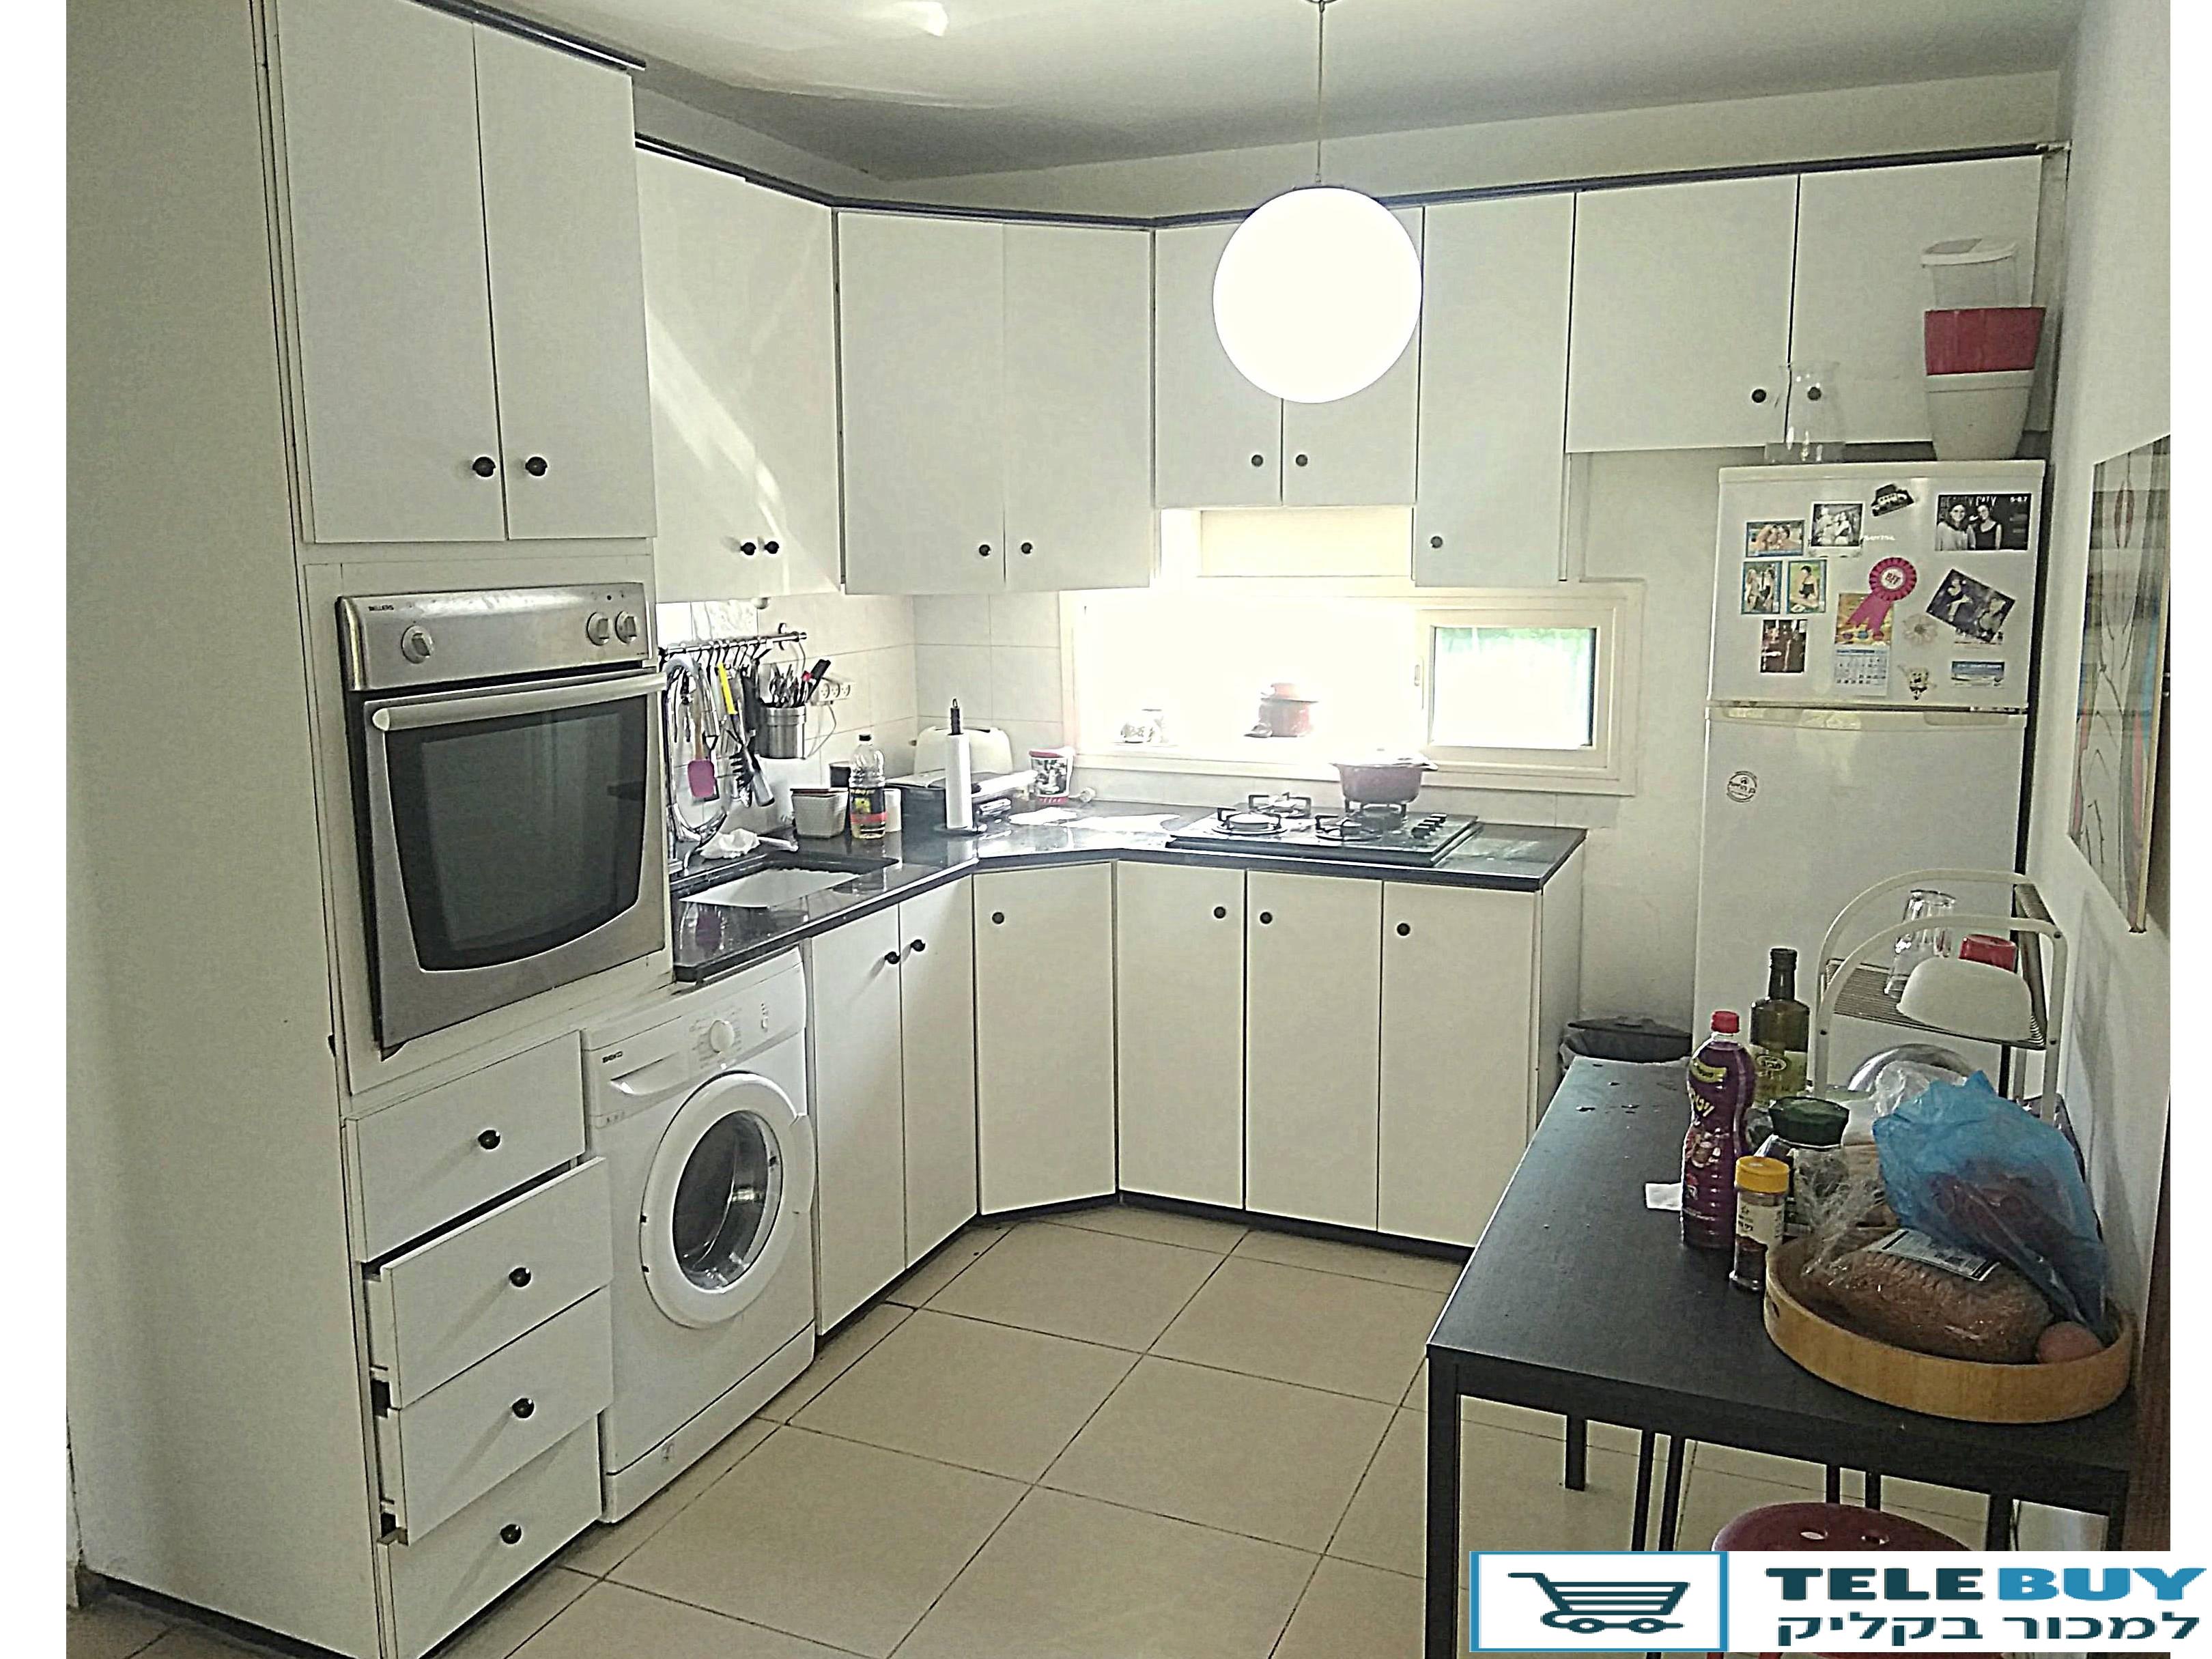 דירות למכירה דירת גג   ברמת גן וגבעתיים